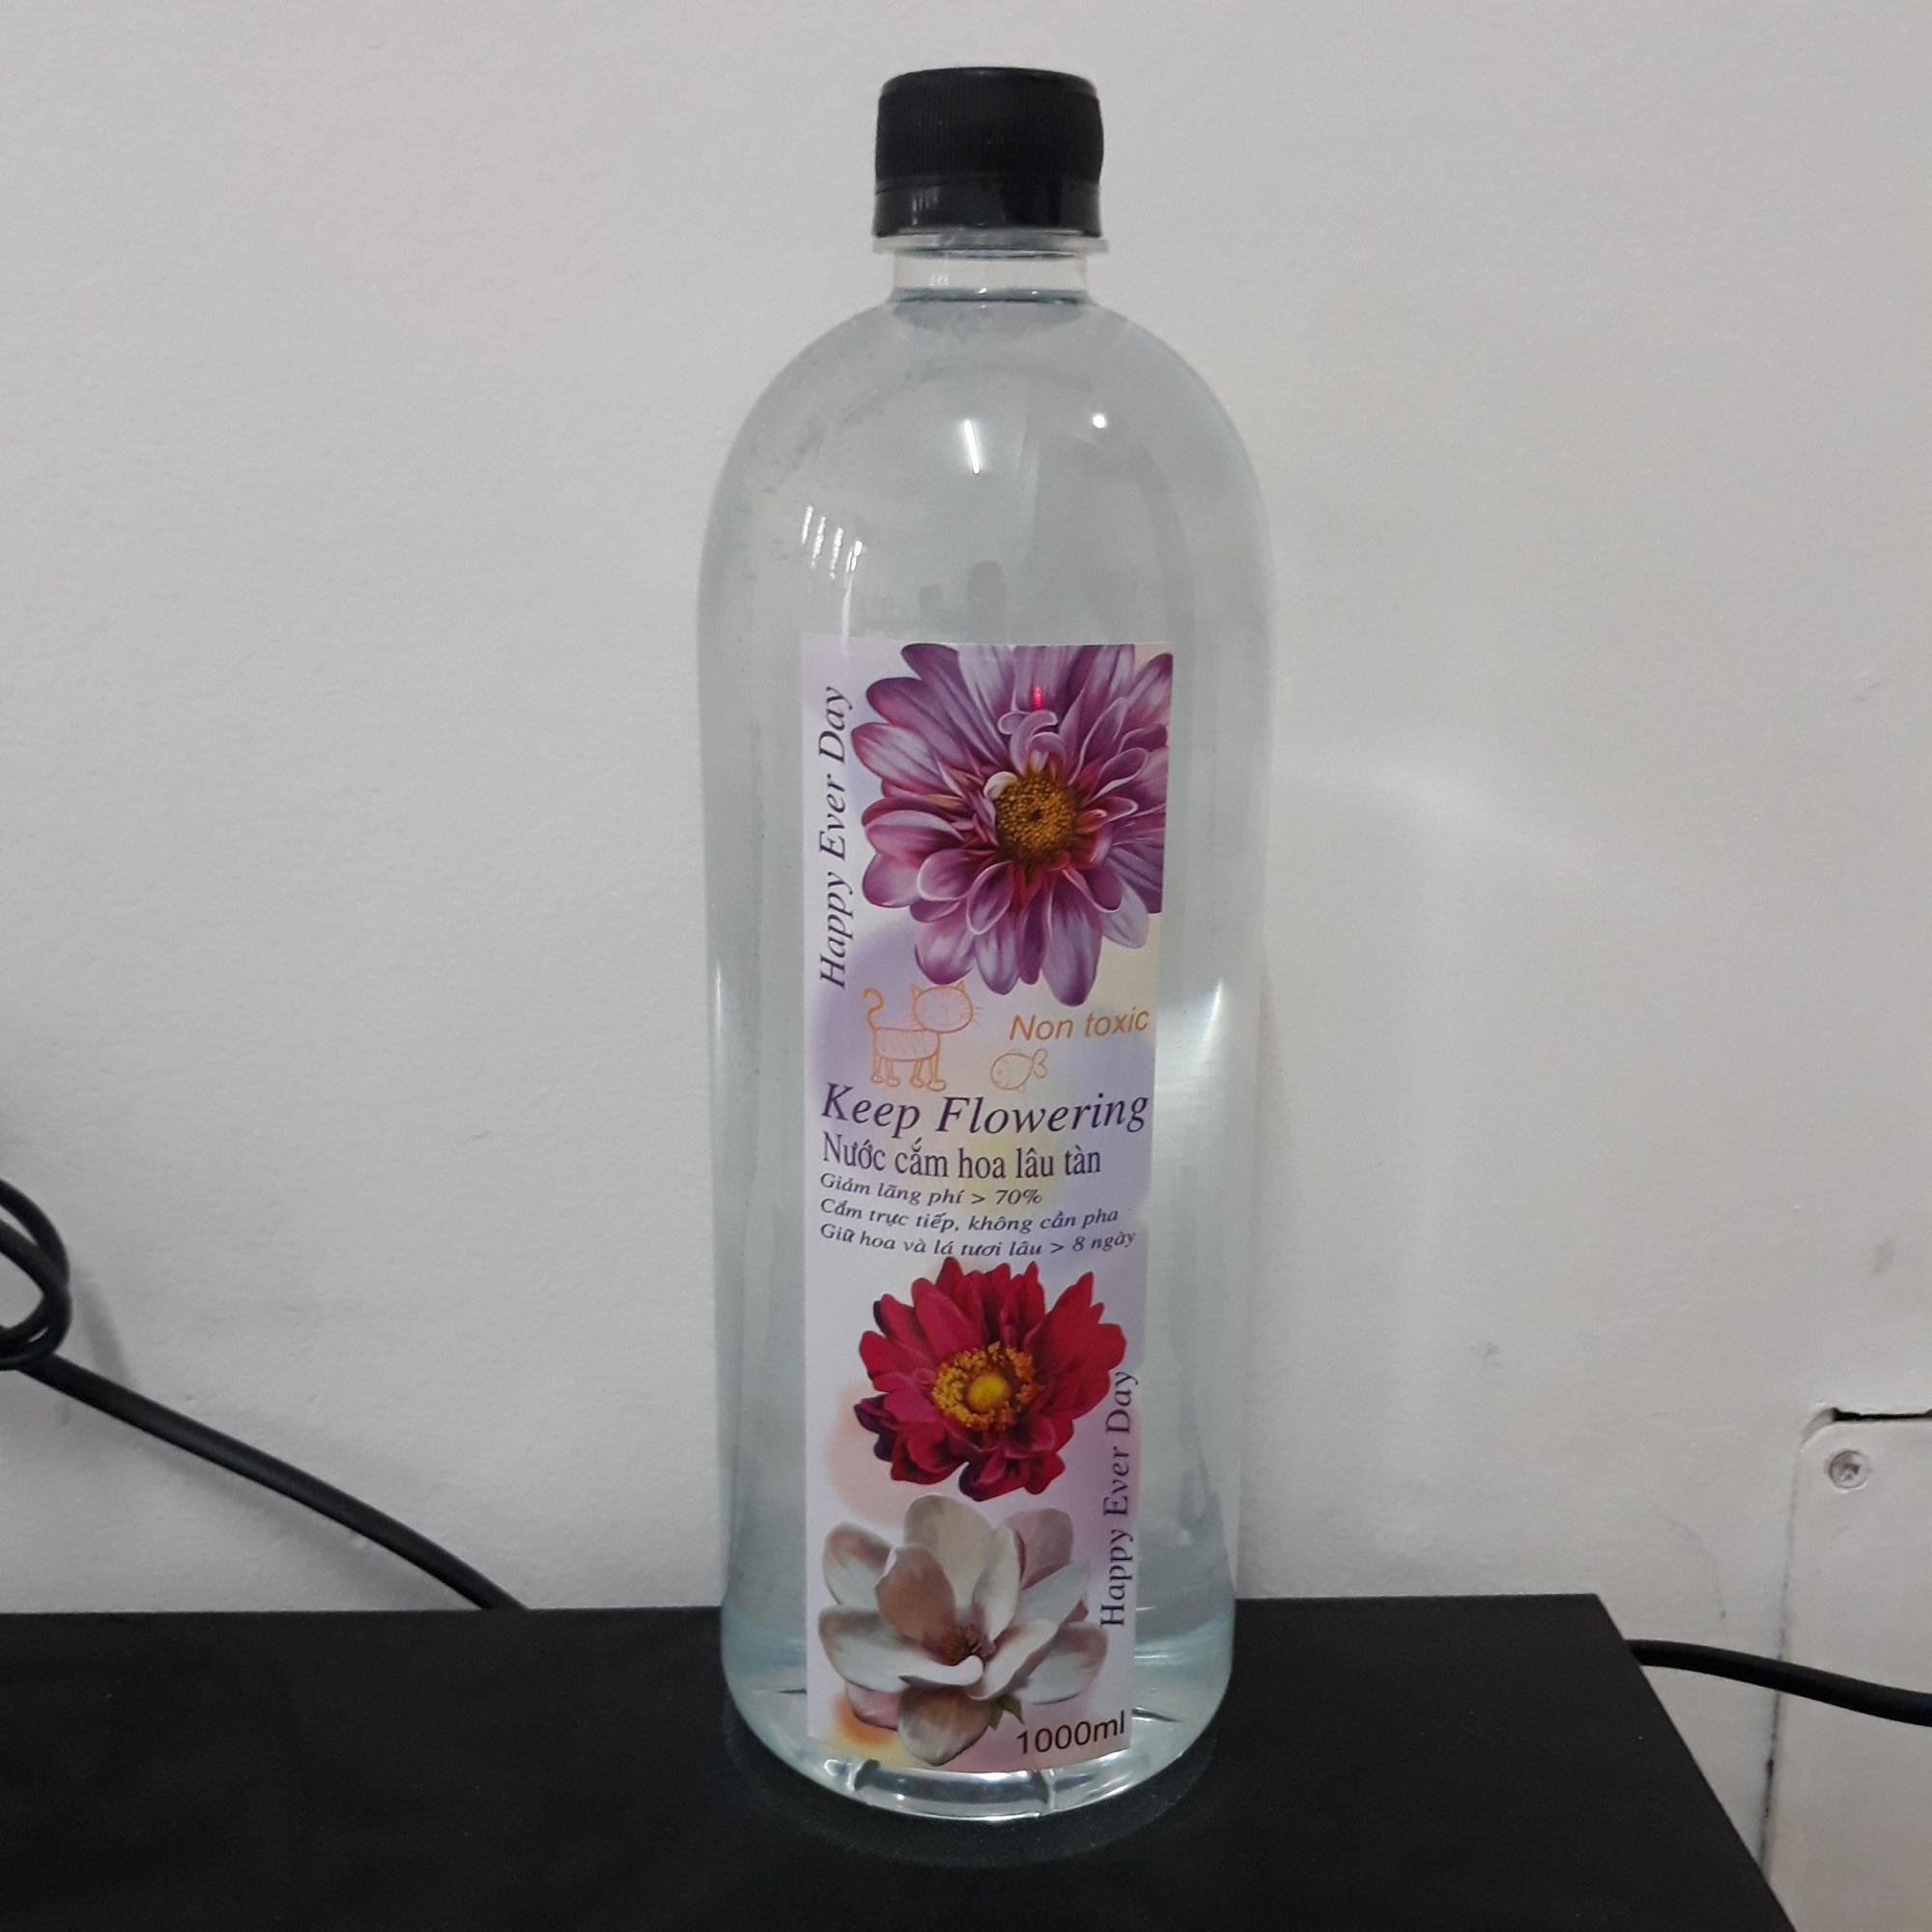 Nước giữ hoa lâu tàn KEEP FLOWERING 1000ml